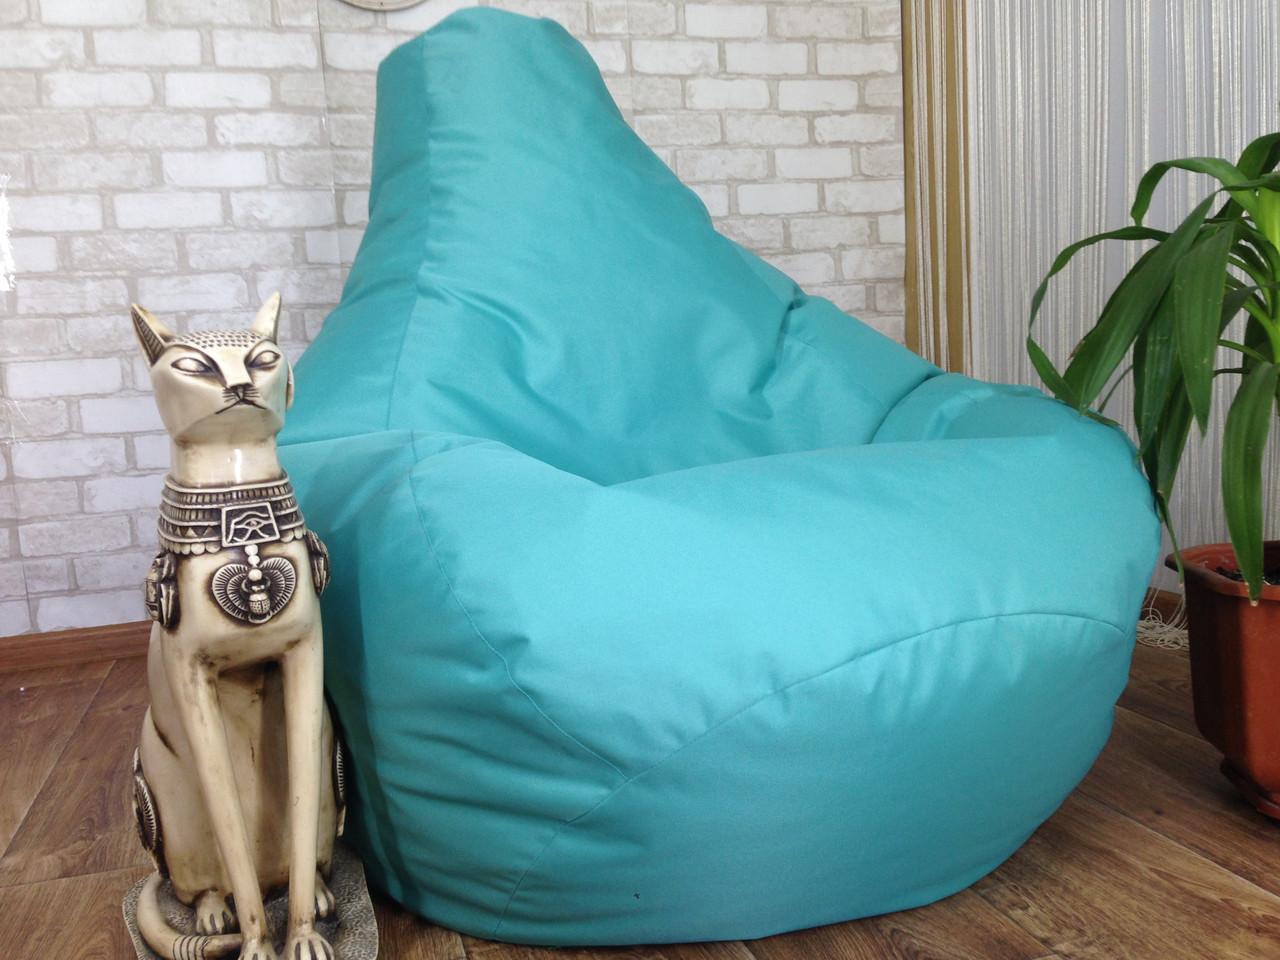 Кресло Мешок, бескаркасное кресло Груша ХХЛ,  морская волна